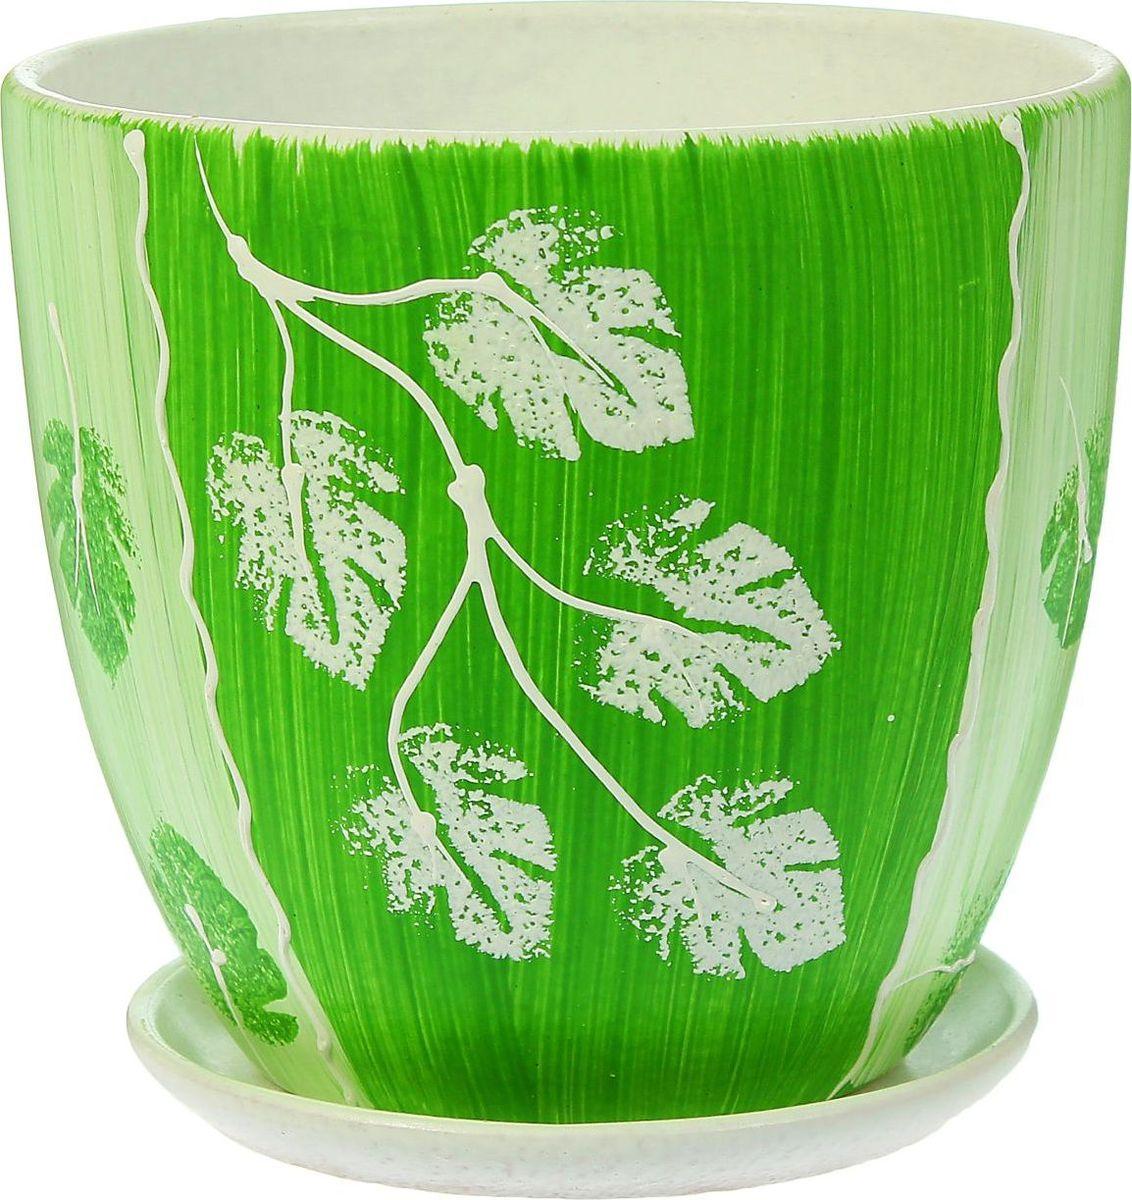 Кашпо Акварель, цвет: зеленый, 2,6 л1403452Комнатные растения — всеобщие любимцы. Они радуют глаз, насыщают помещение кислородом и украшают пространство. Каждому из них необходим свой удобный и красивый дом. Кашпо из керамики прекрасно подходят для высадки растений: за счёт пластичности глины и разных способов обработки существует великое множество форм и дизайновпористый материал позволяет испаряться лишней влагевоздух, необходимый для дыхания корней, проникает сквозь керамические стенки! #name# позаботится о зелёном питомце, освежит интерьер и подчеркнёт его стиль.